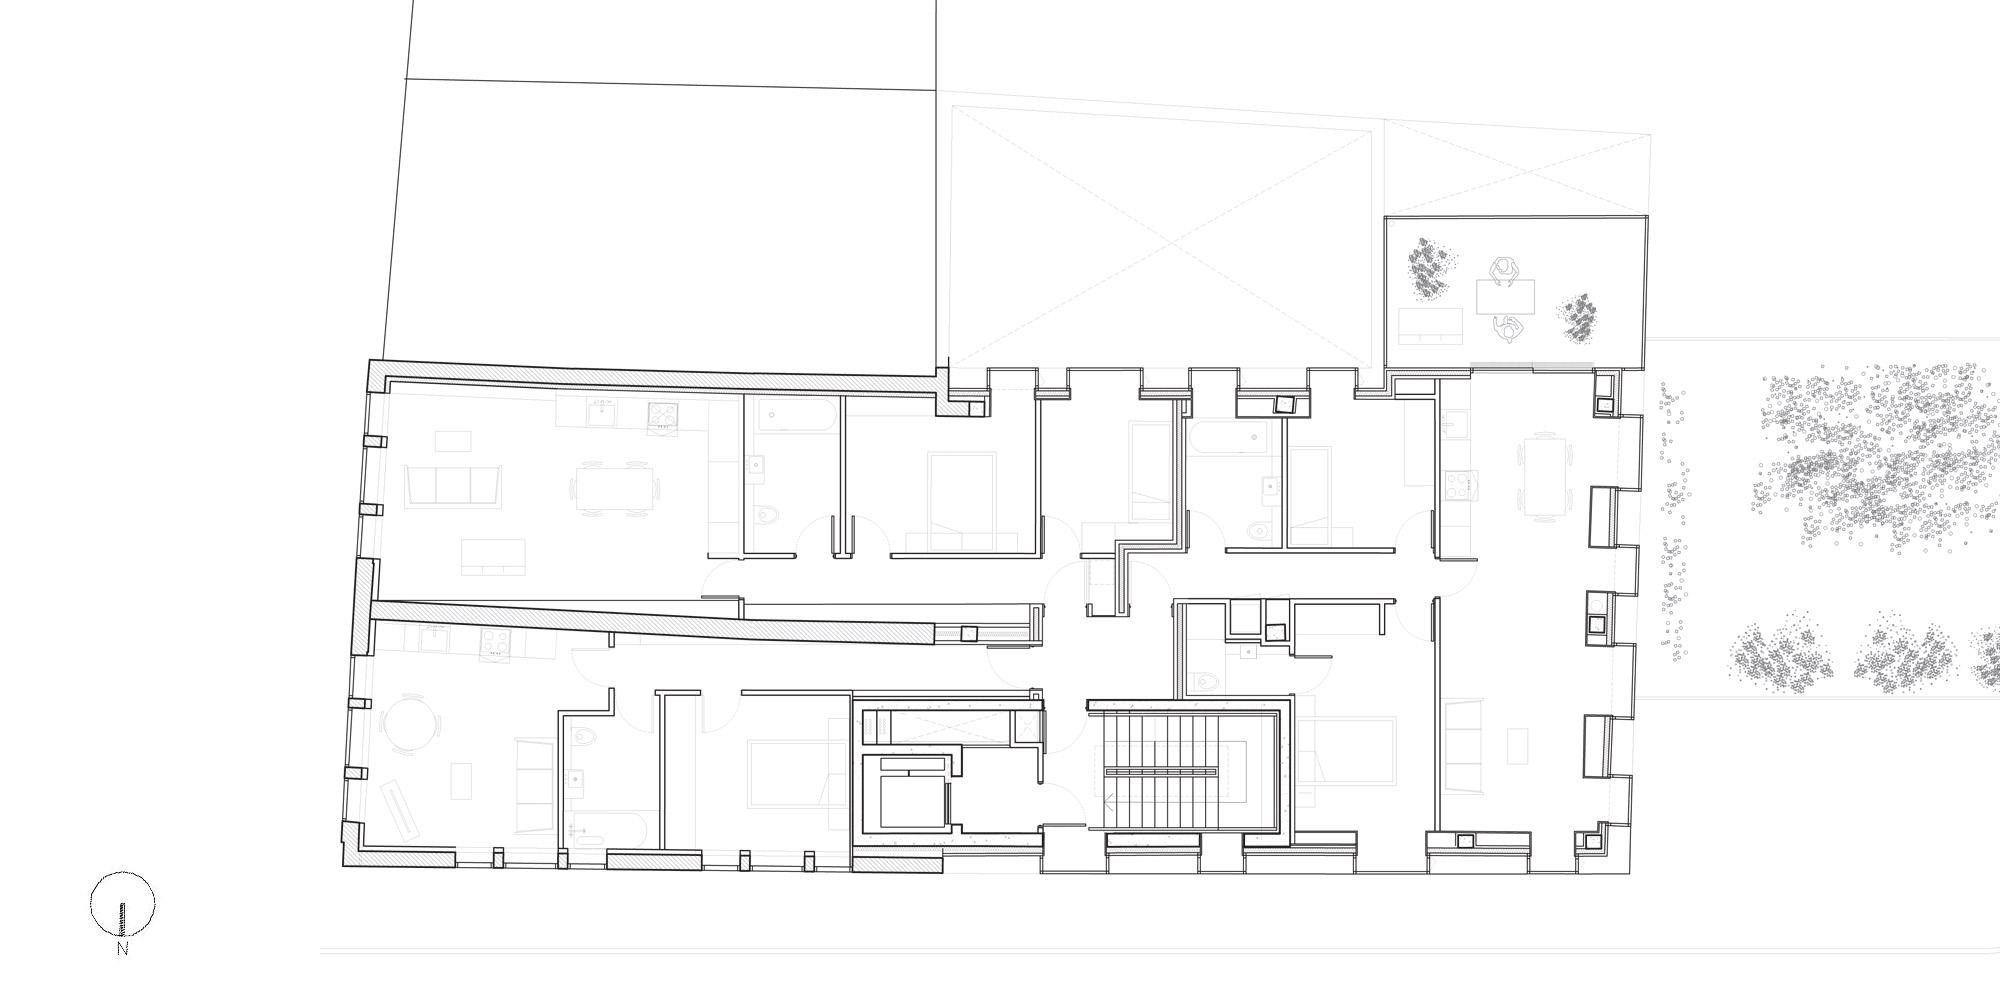 Second floor plan © DROO